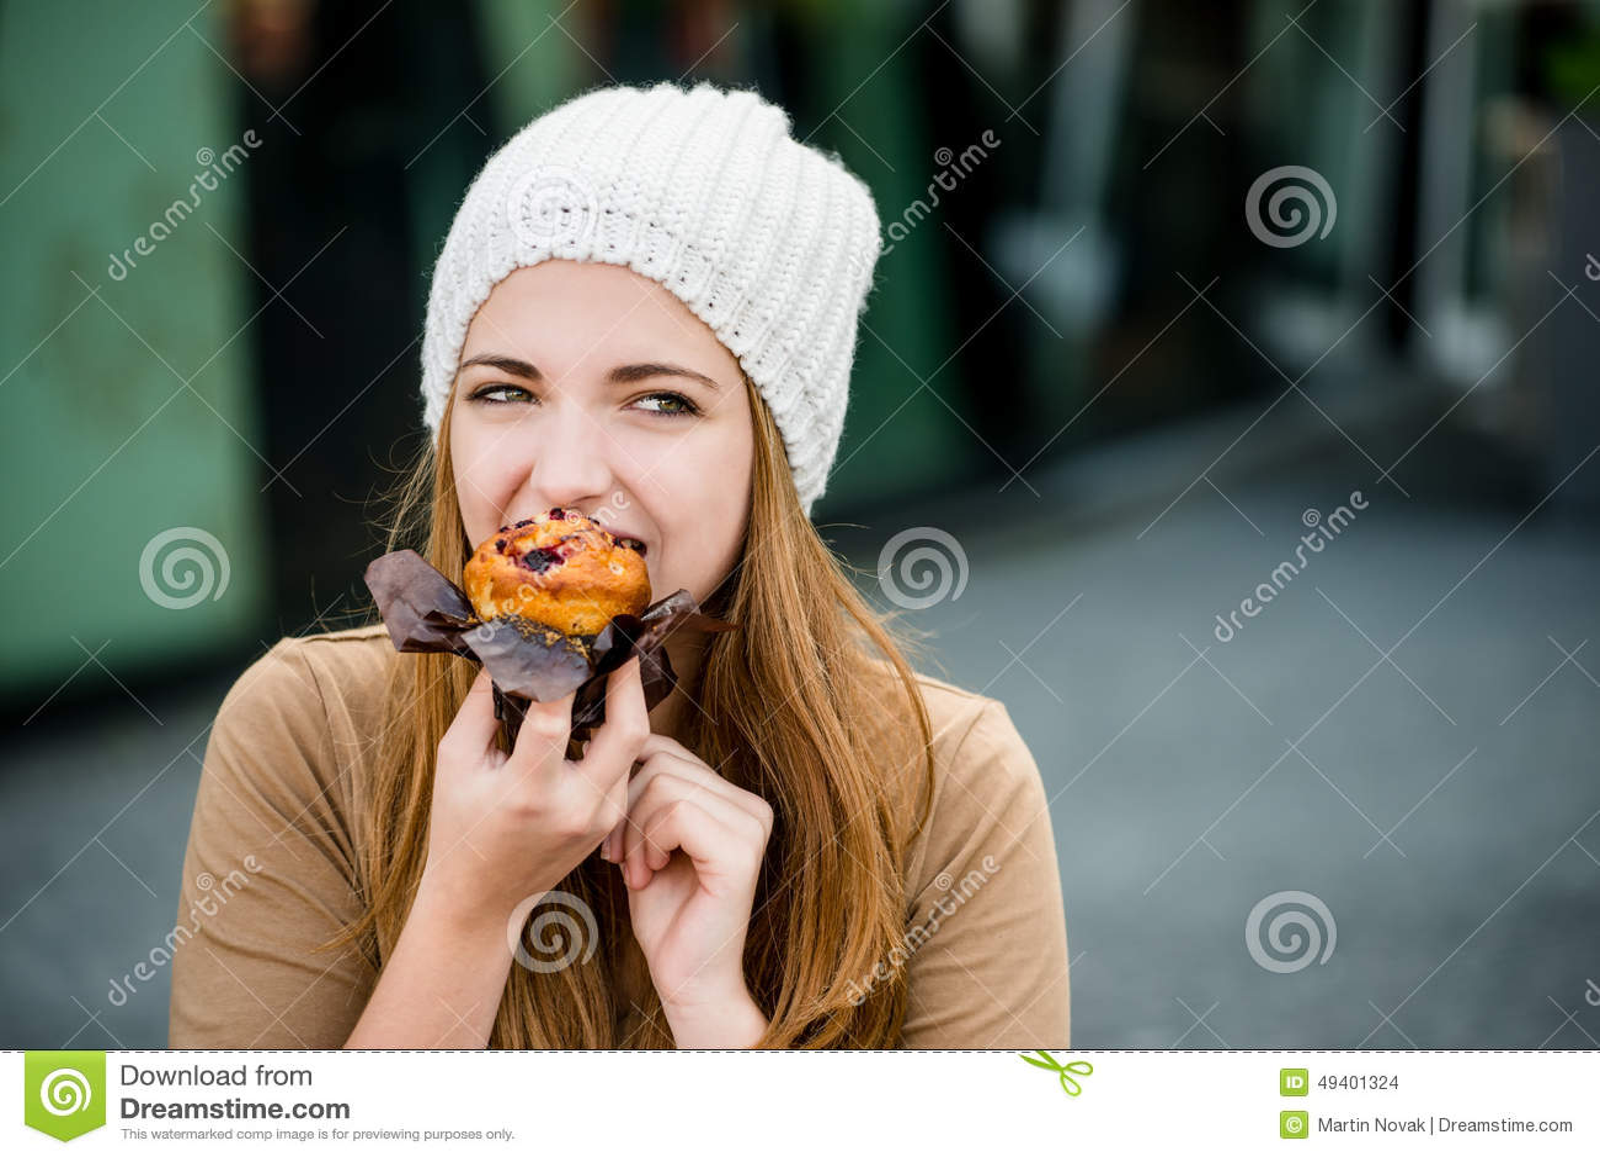 Download Jugendlicher, Der Muffin Isst Stockfoto - Bild von blick, draußen: 49401324